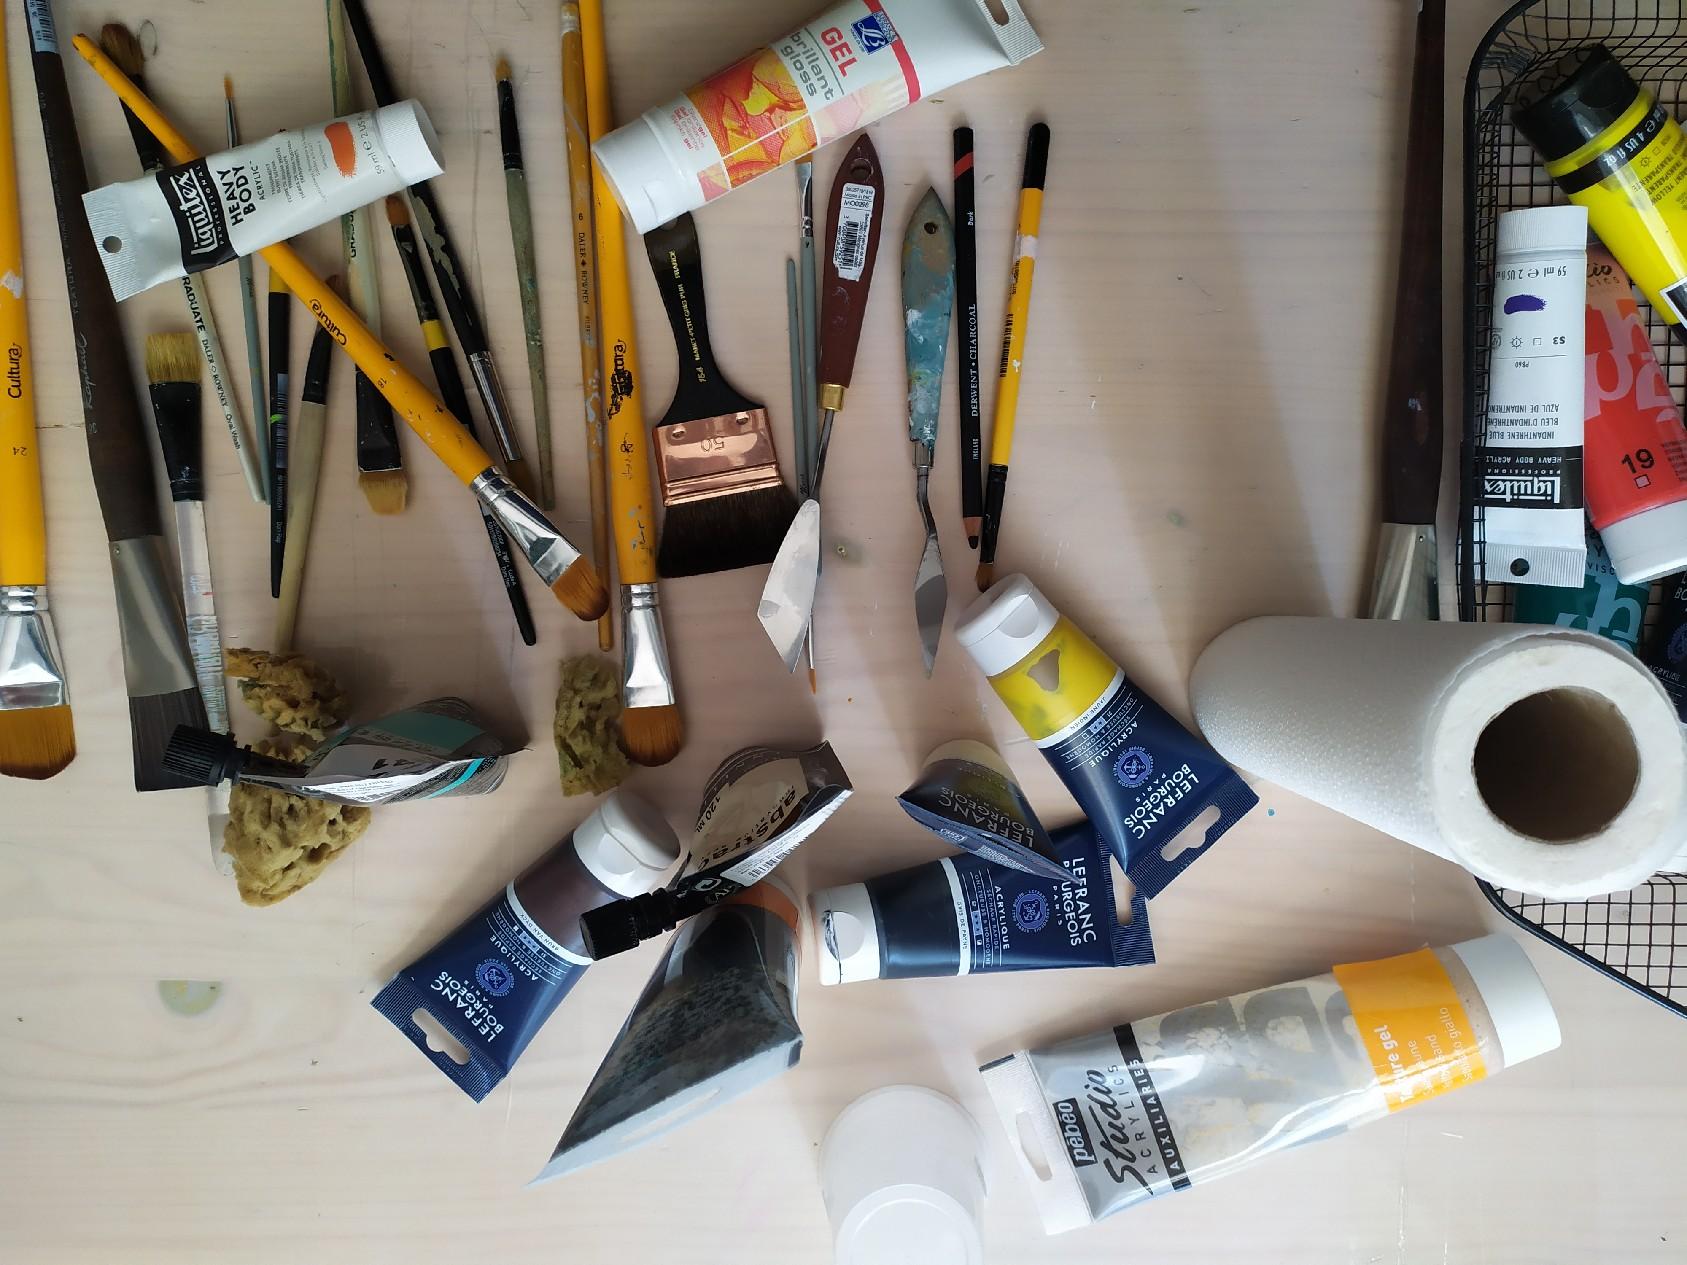 La vie de mon atelier - Cob Artiste Peintre - Peinture abstraite et imaginaire